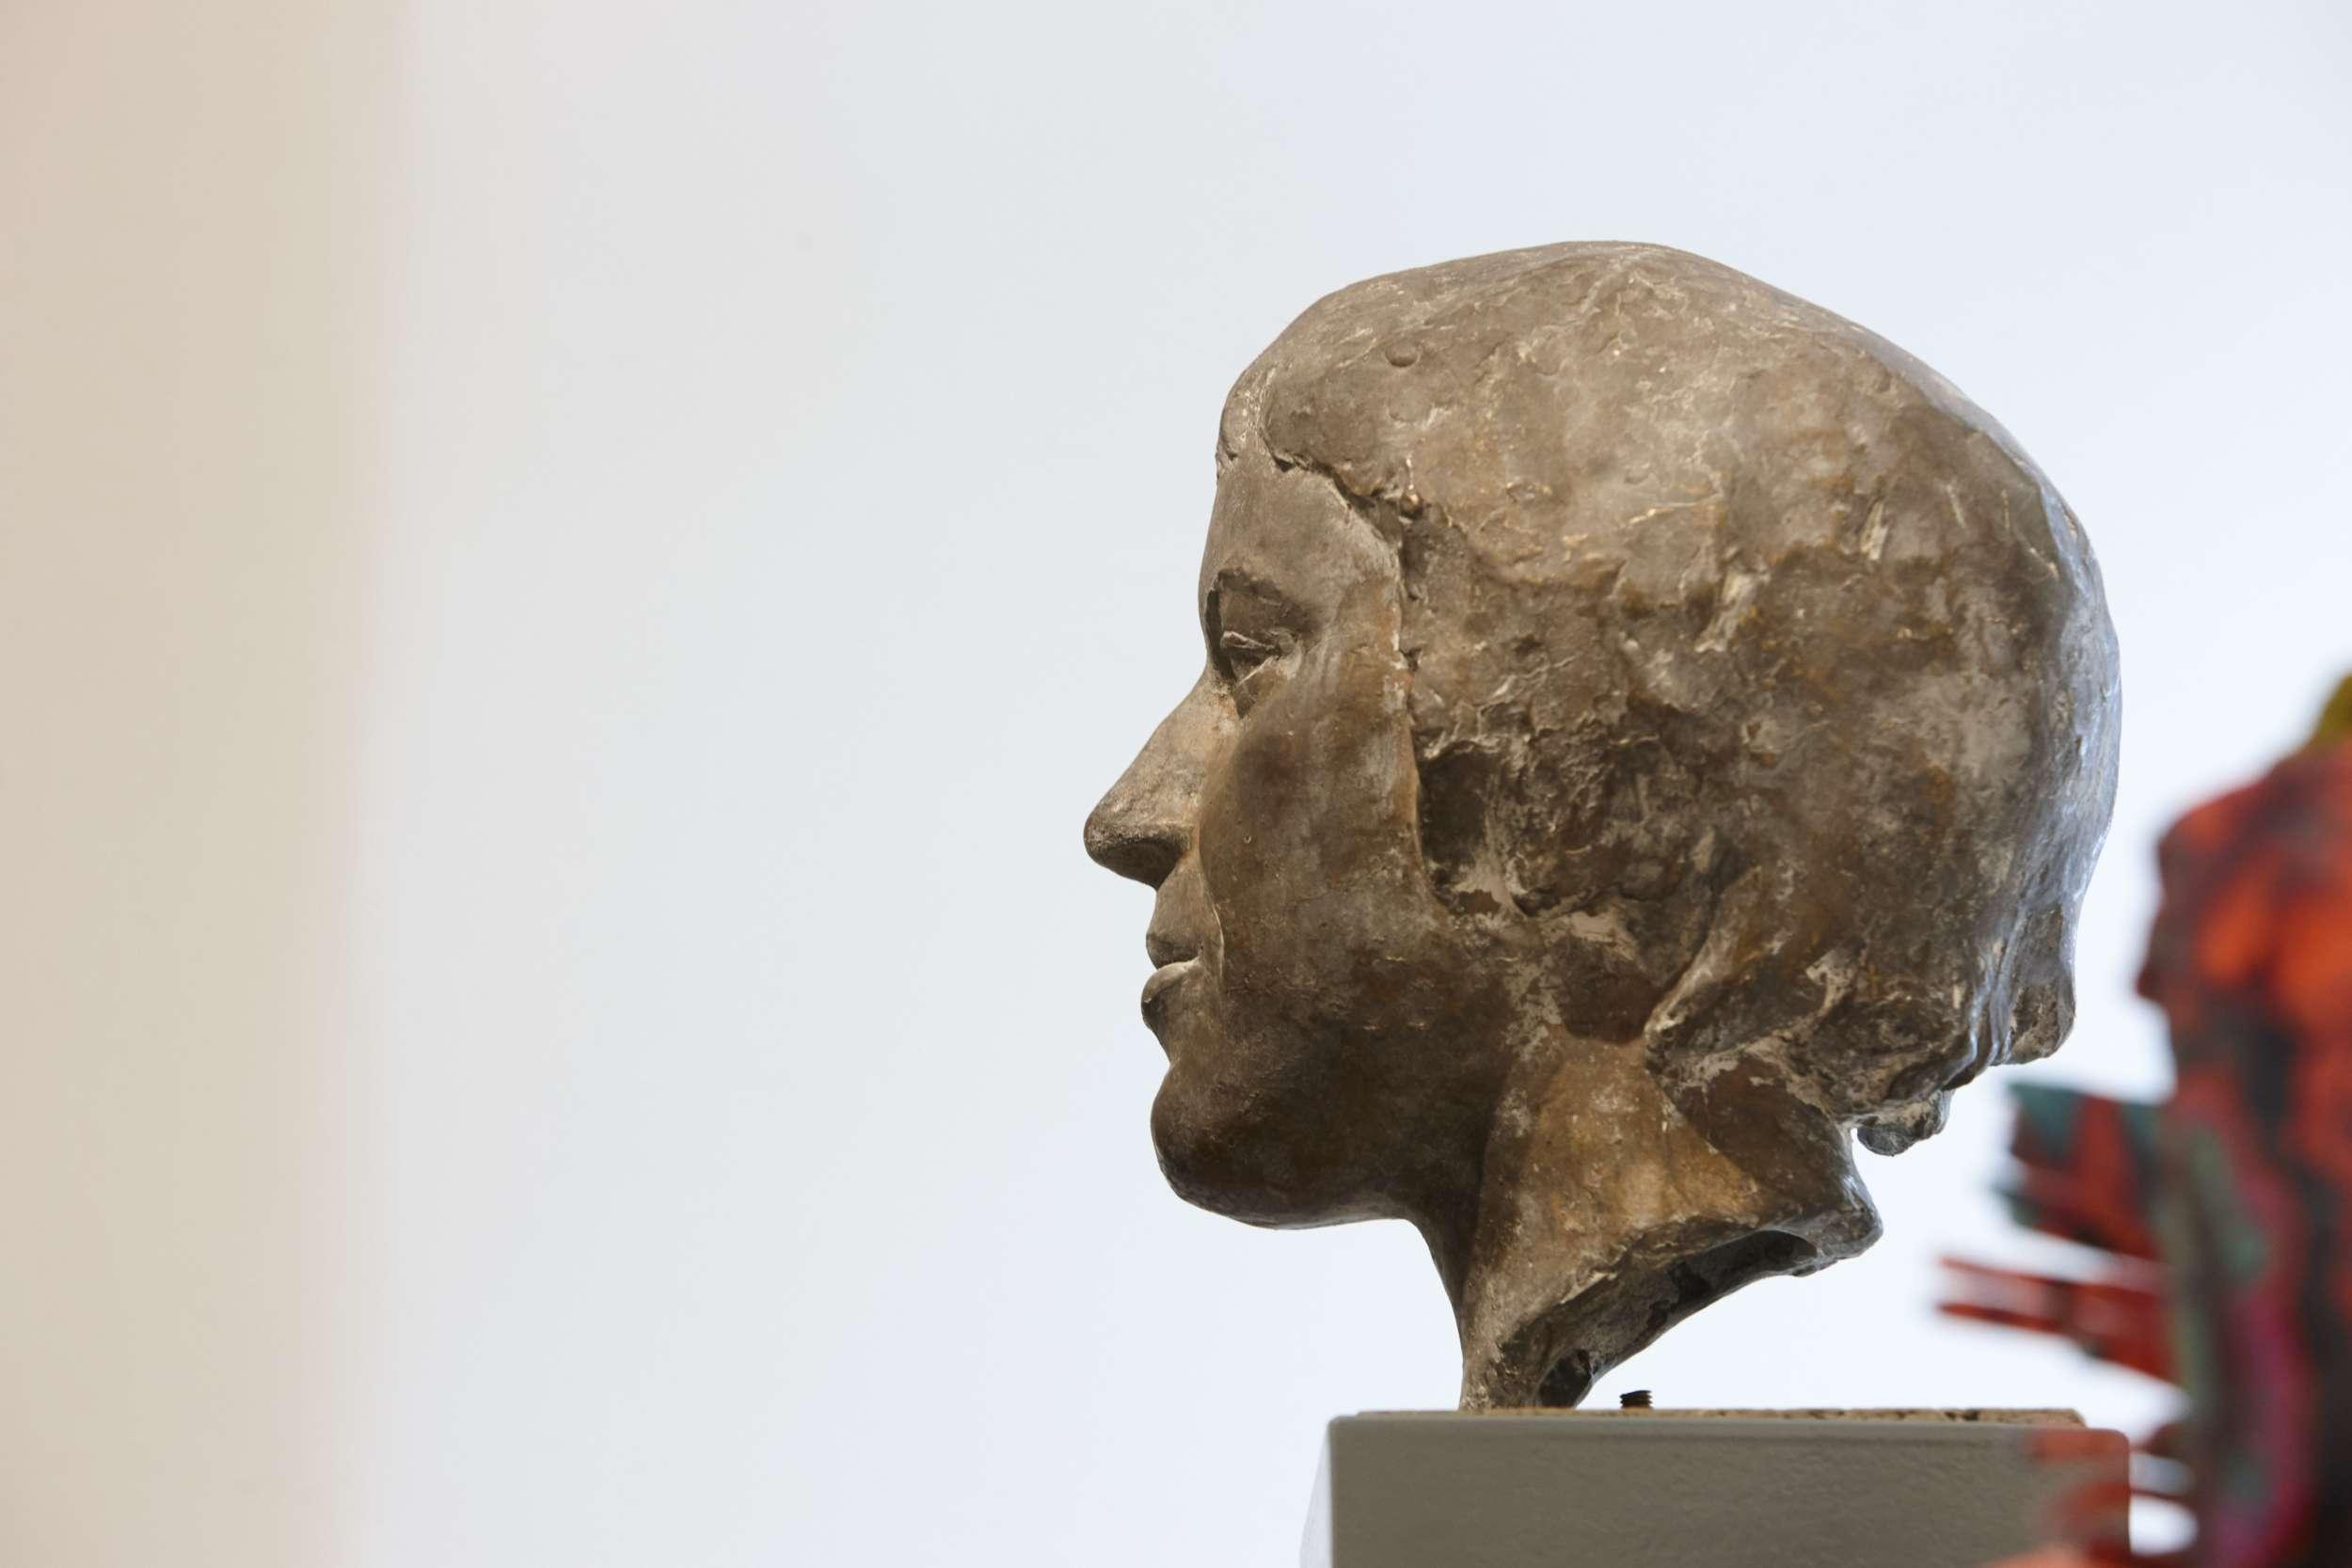 Bronzekopf von Ingeborg Bachmann im Robert-Musil-Literatur-Museum